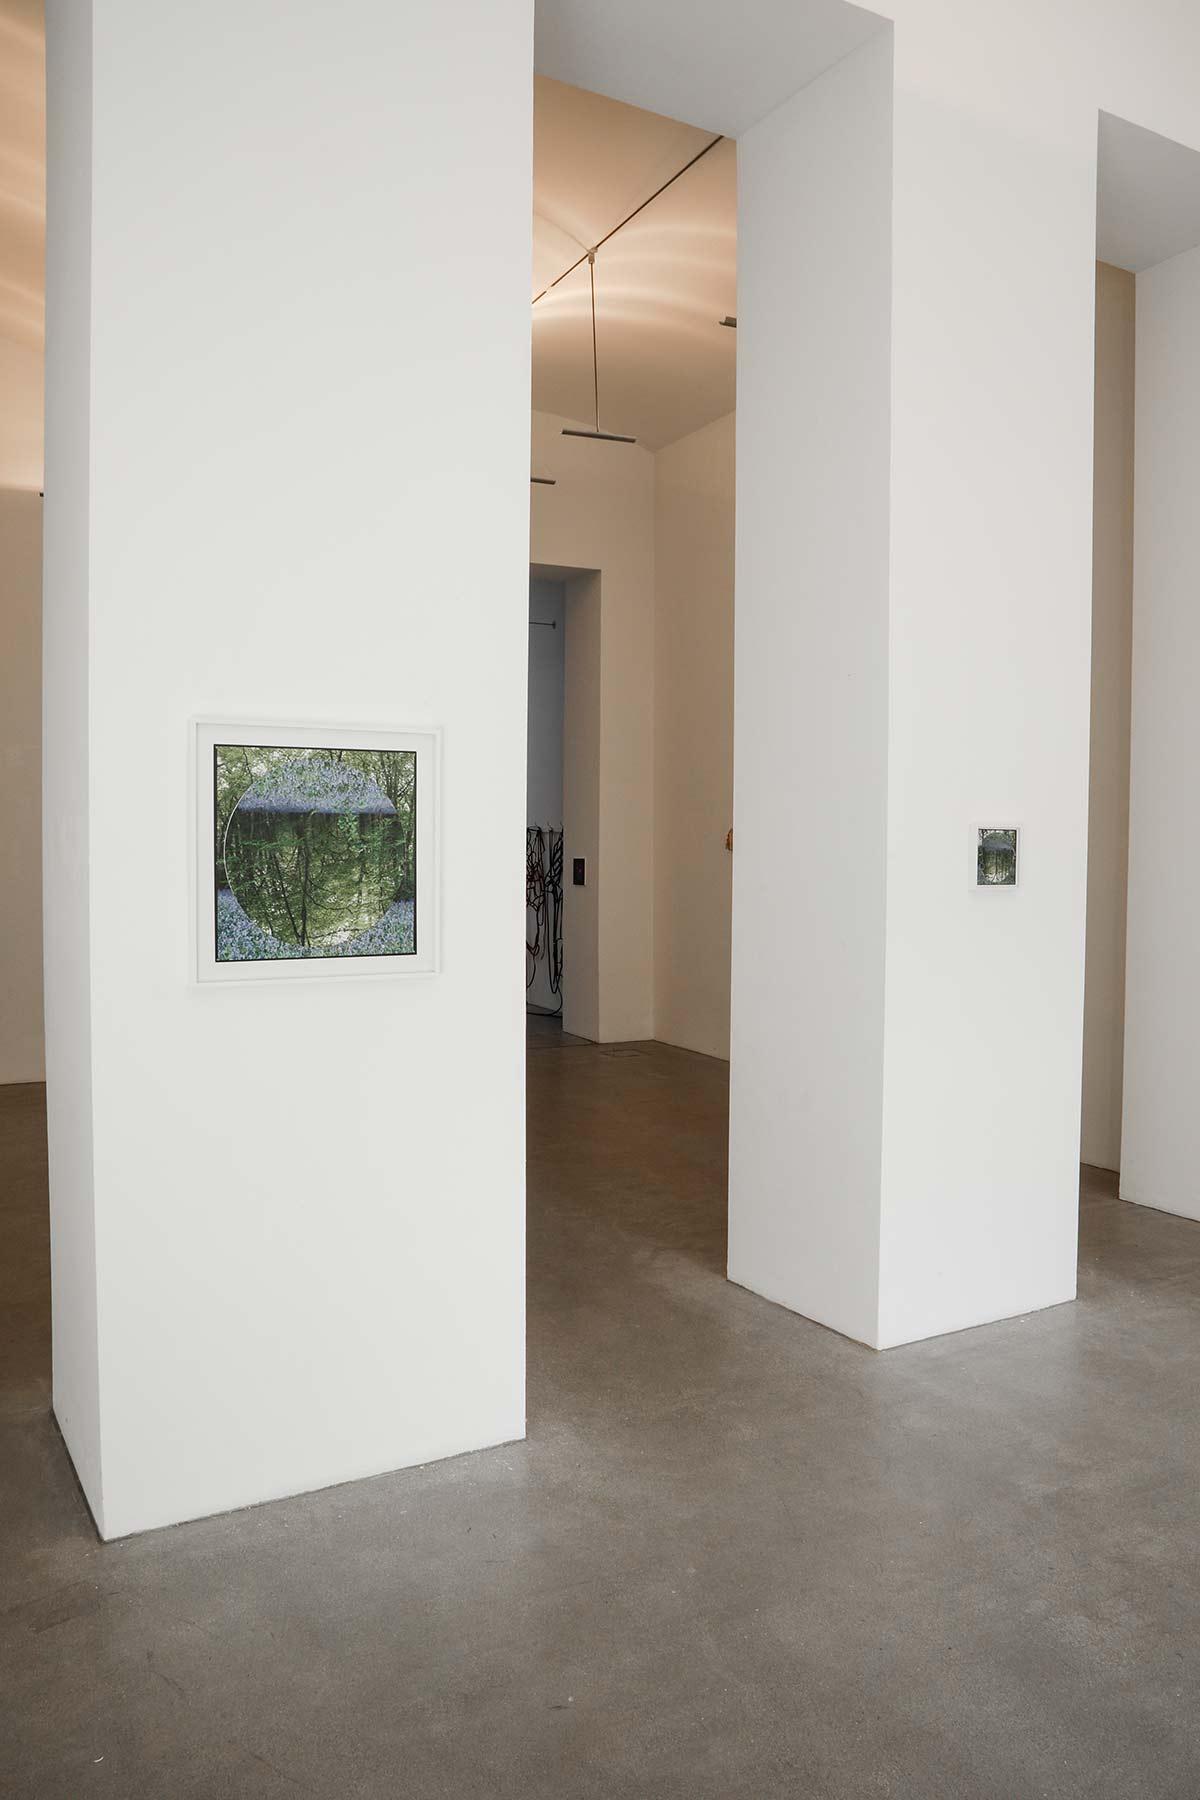 domino exhibition, viewing room, photography, munchies art club, art platform, raum mit licht, art gallery, vienna